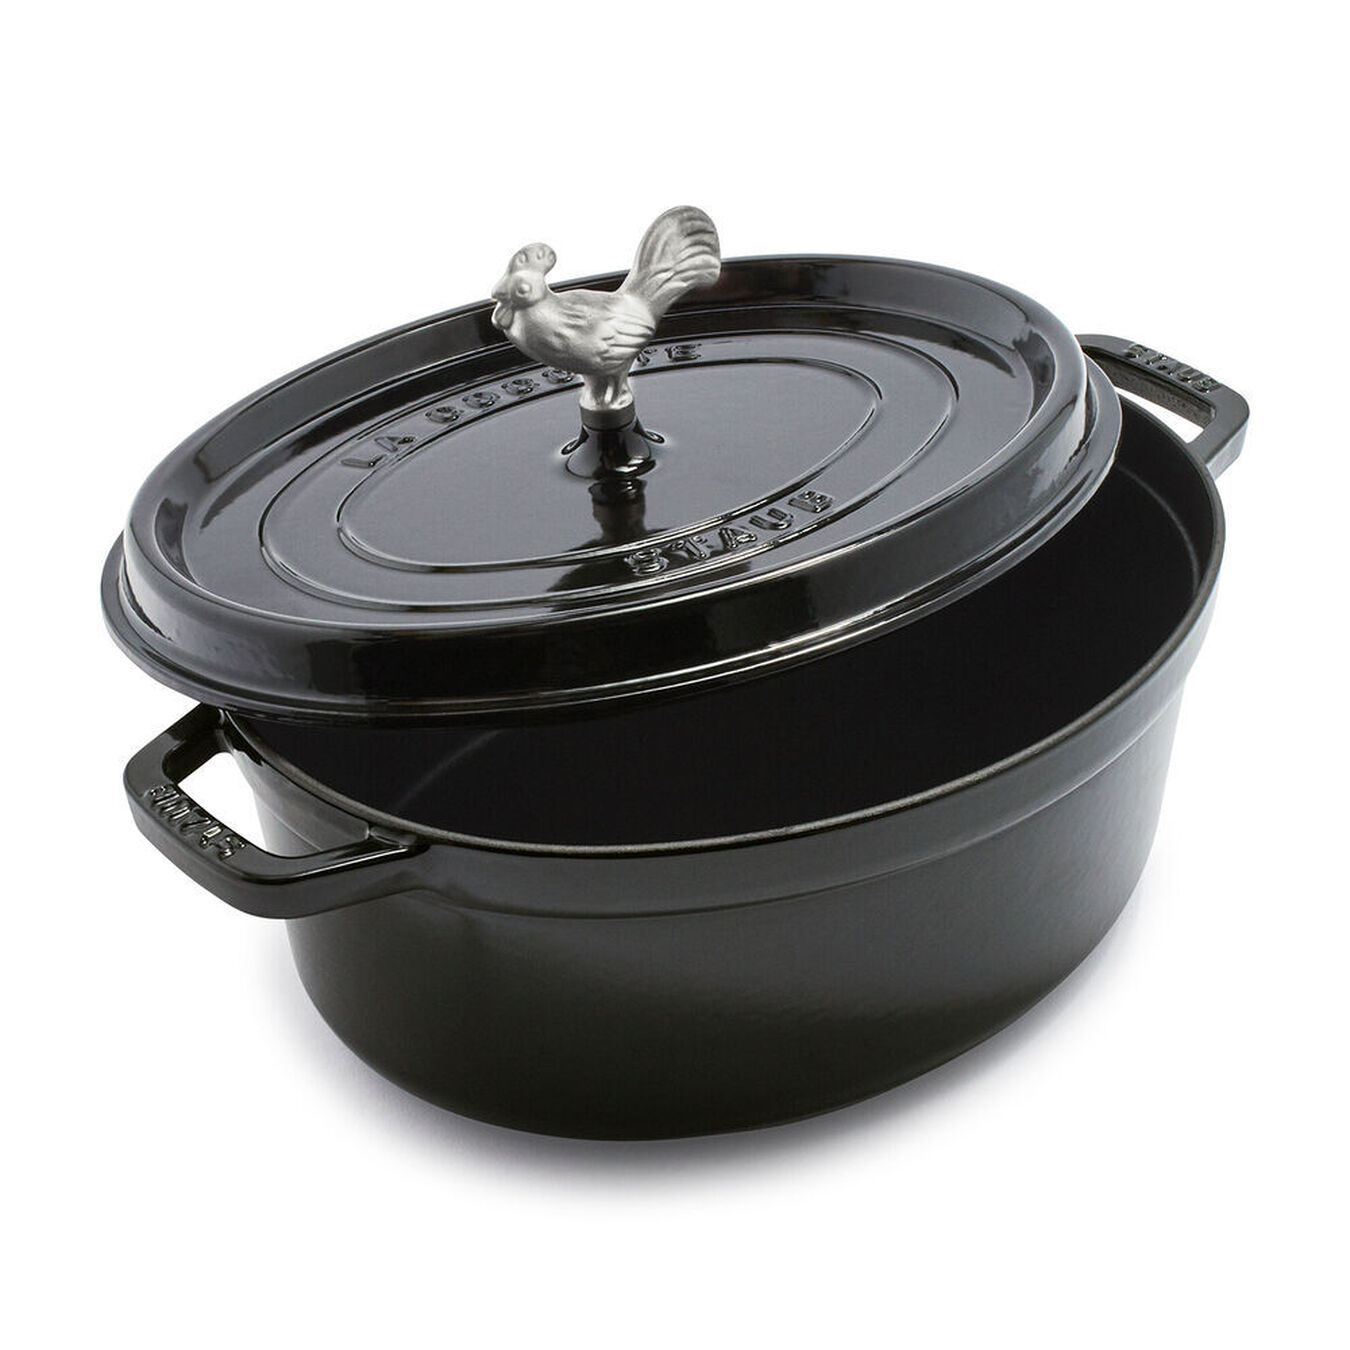 oval Cocotte, Shiny black,,large 1